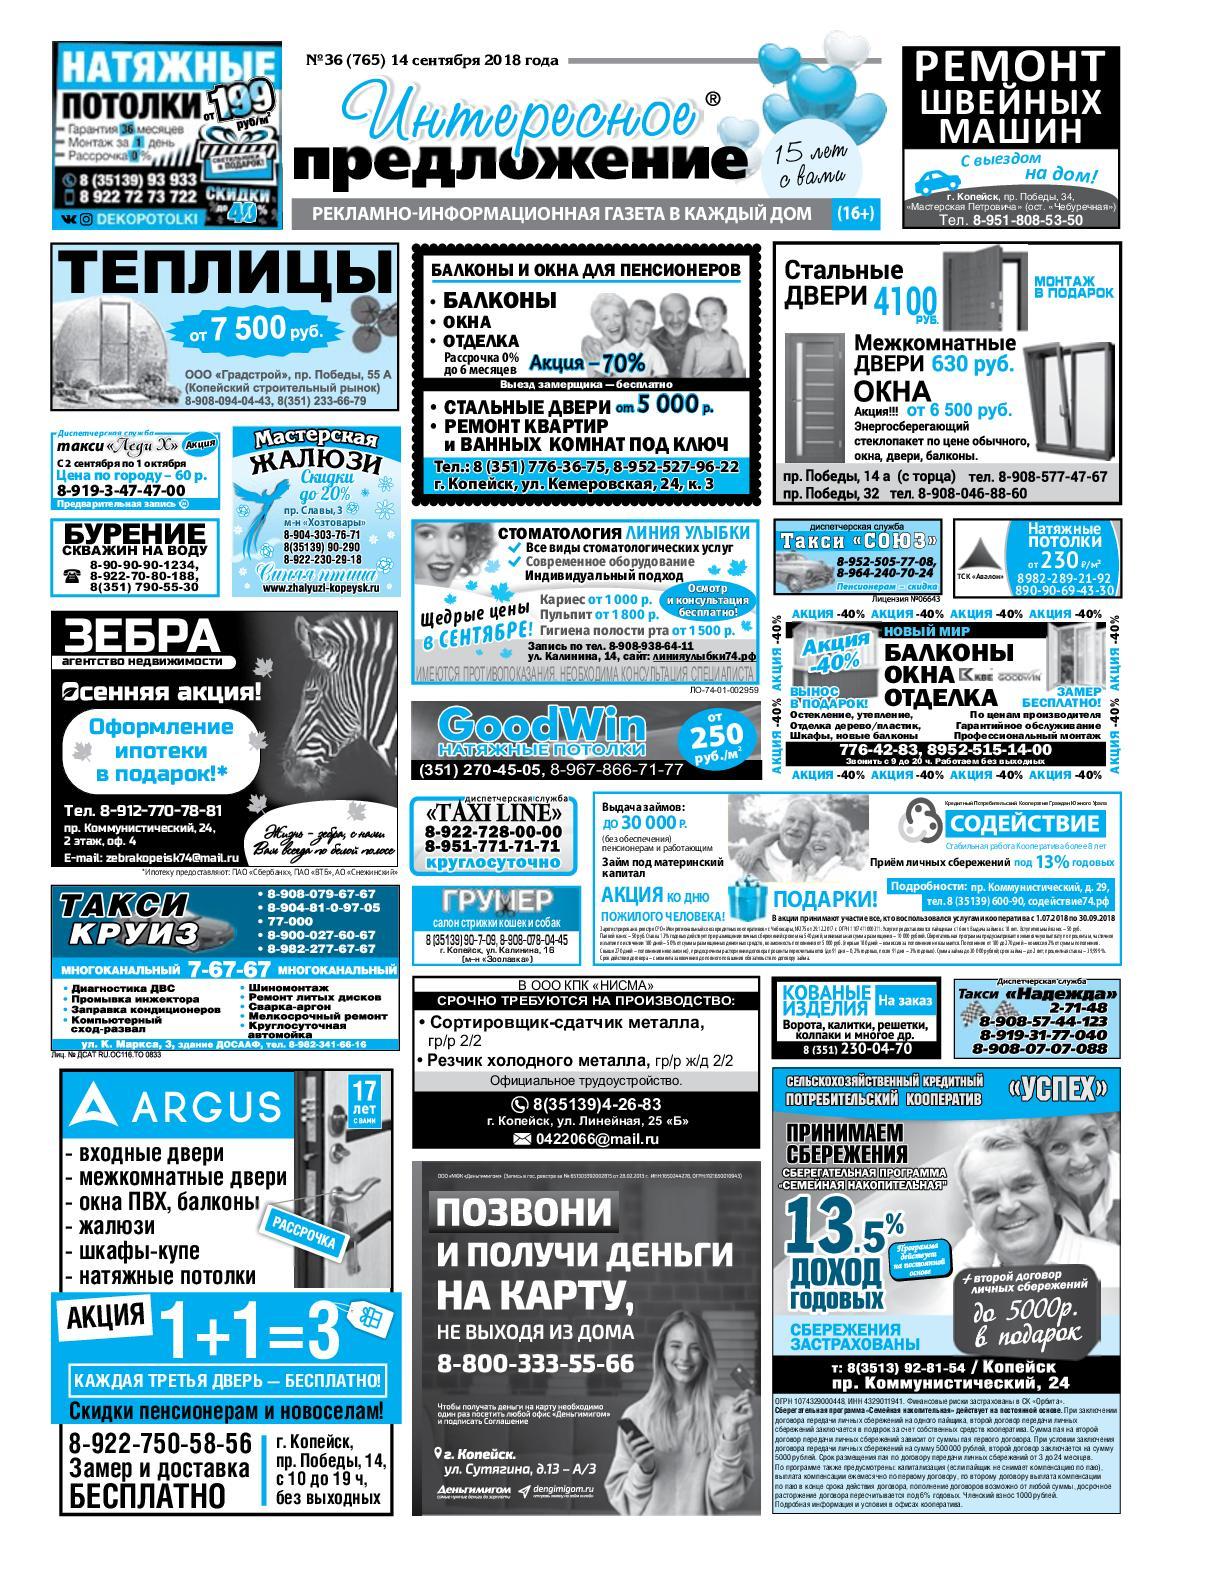 Деньги Займы Кредиты Под Залог Птс в Москве